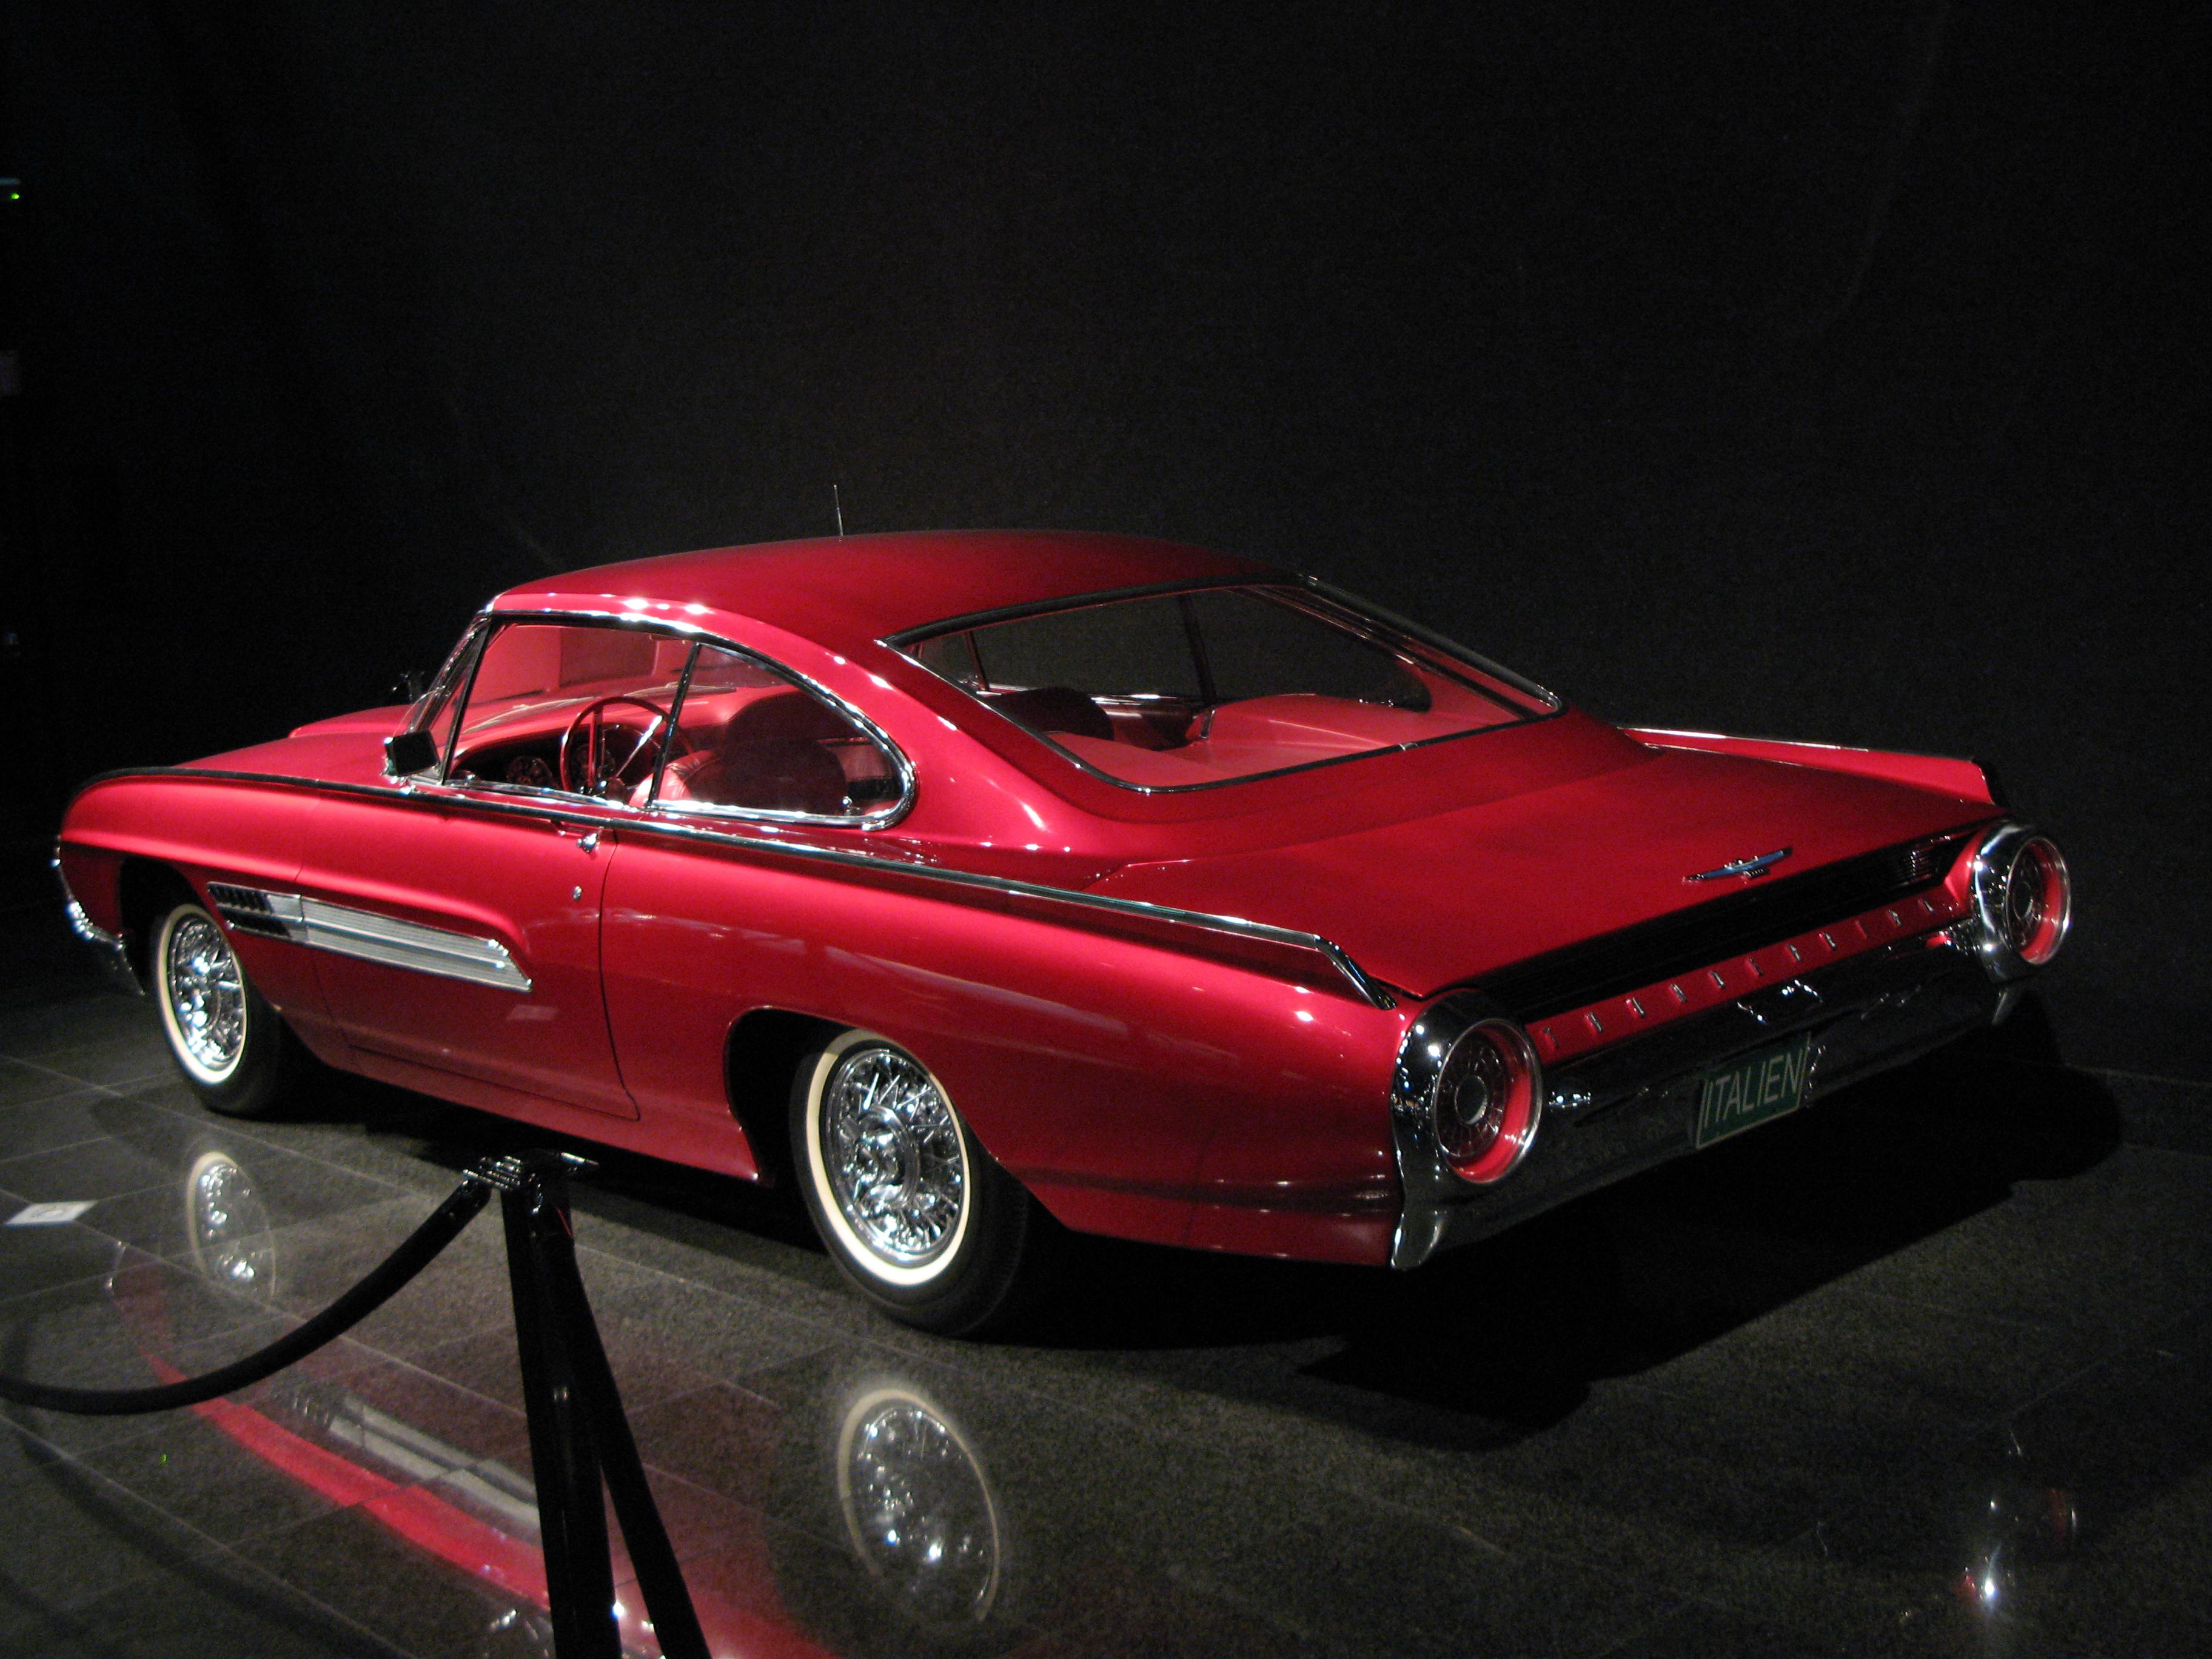 Ford ThunderBird Italien 1964 JPG Wallpaper